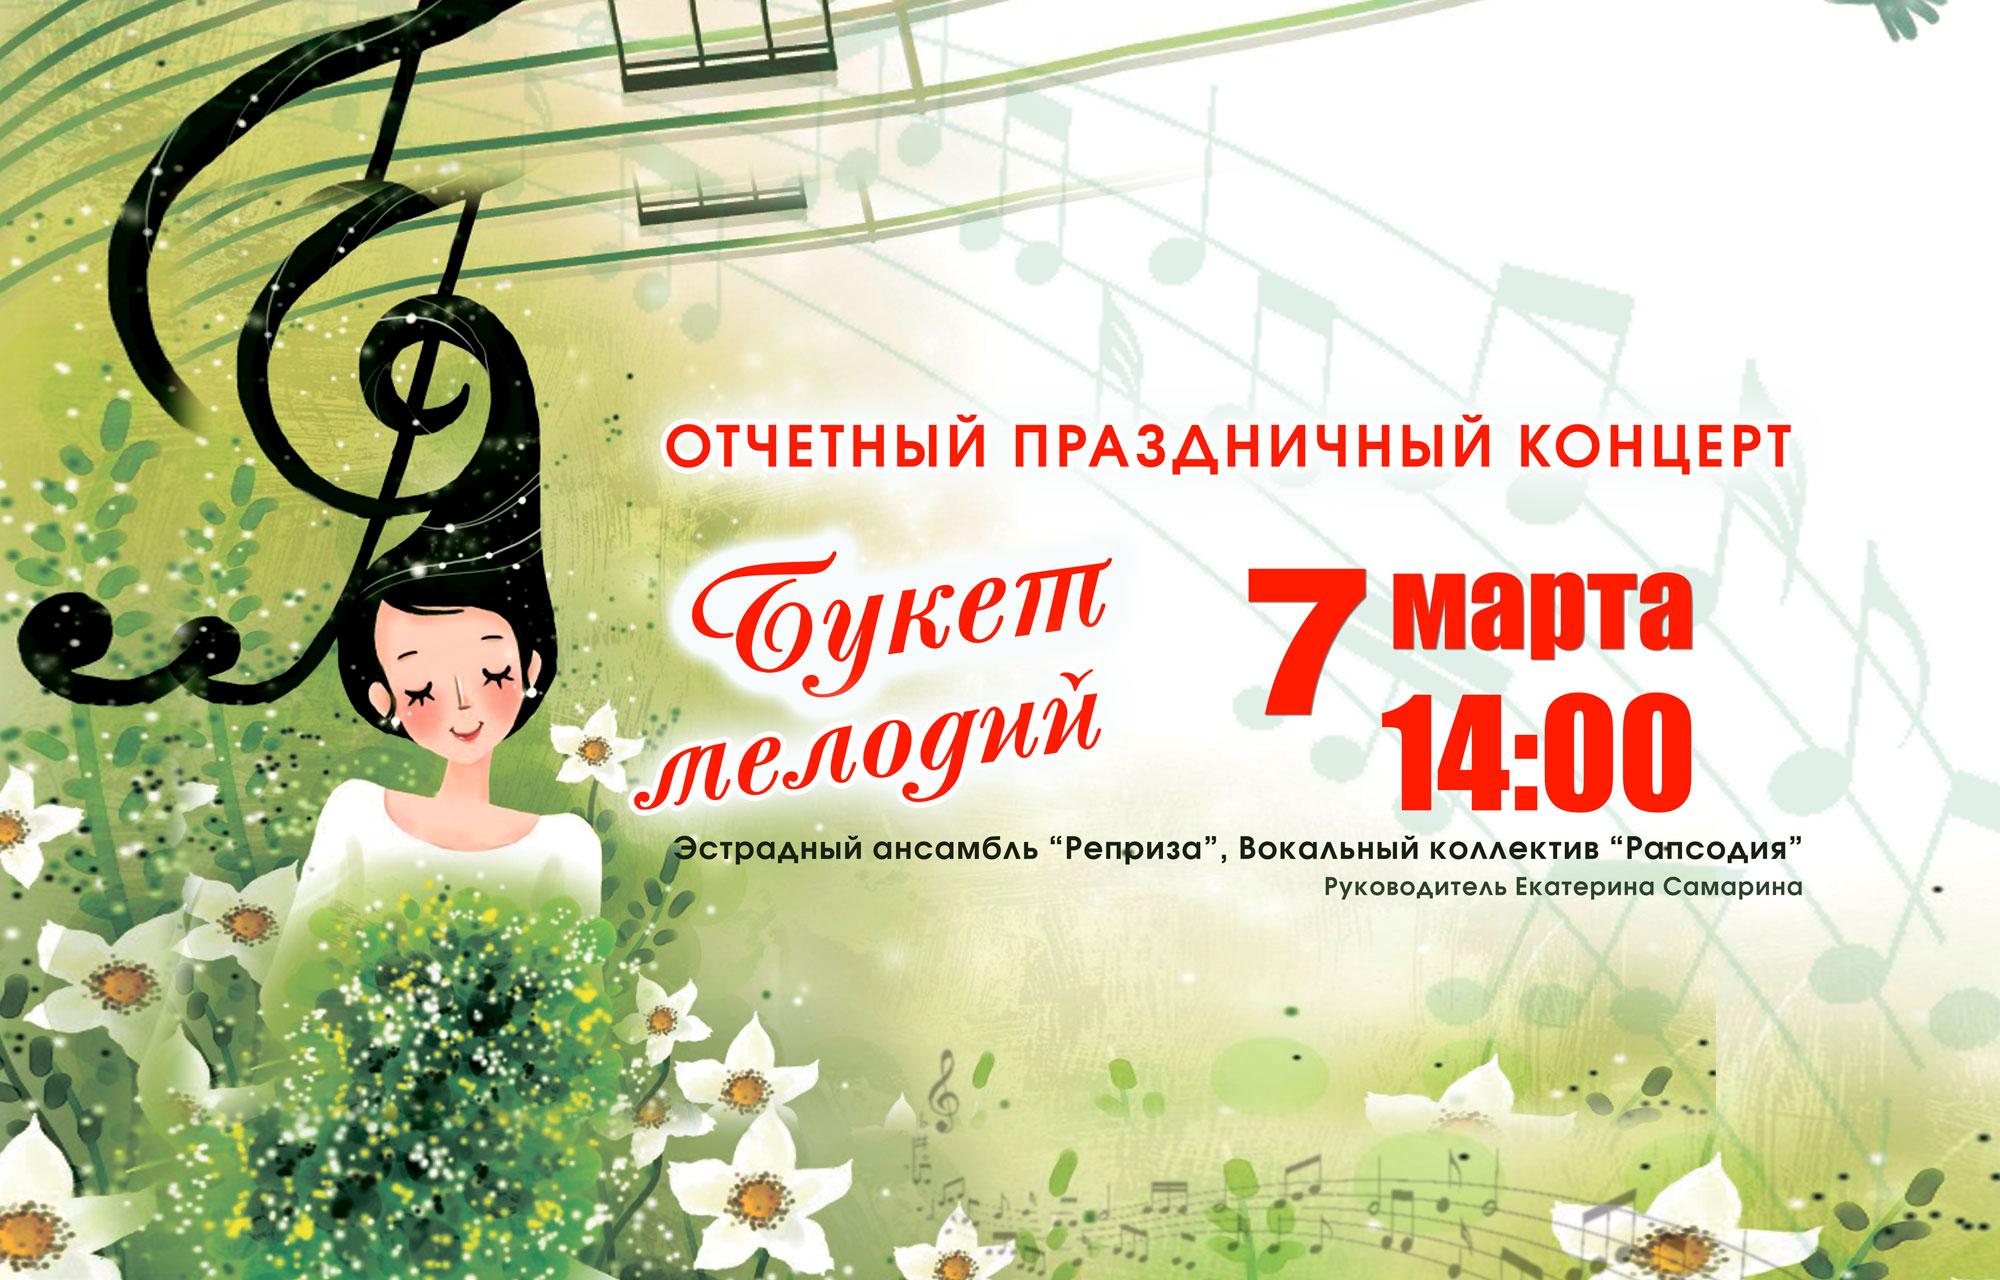 <p>7 марта в 14:00 в концертном зале Социально-культурного молодежного центра состоится отчетный праздничный концерт, посвященный 8 марта «Букет мелодий», который представят зрителям Эстрадный ансамбль «Реприза» и Вокальный коллектив «Рапсодия» руководитель Екатерина Самарина.</p>